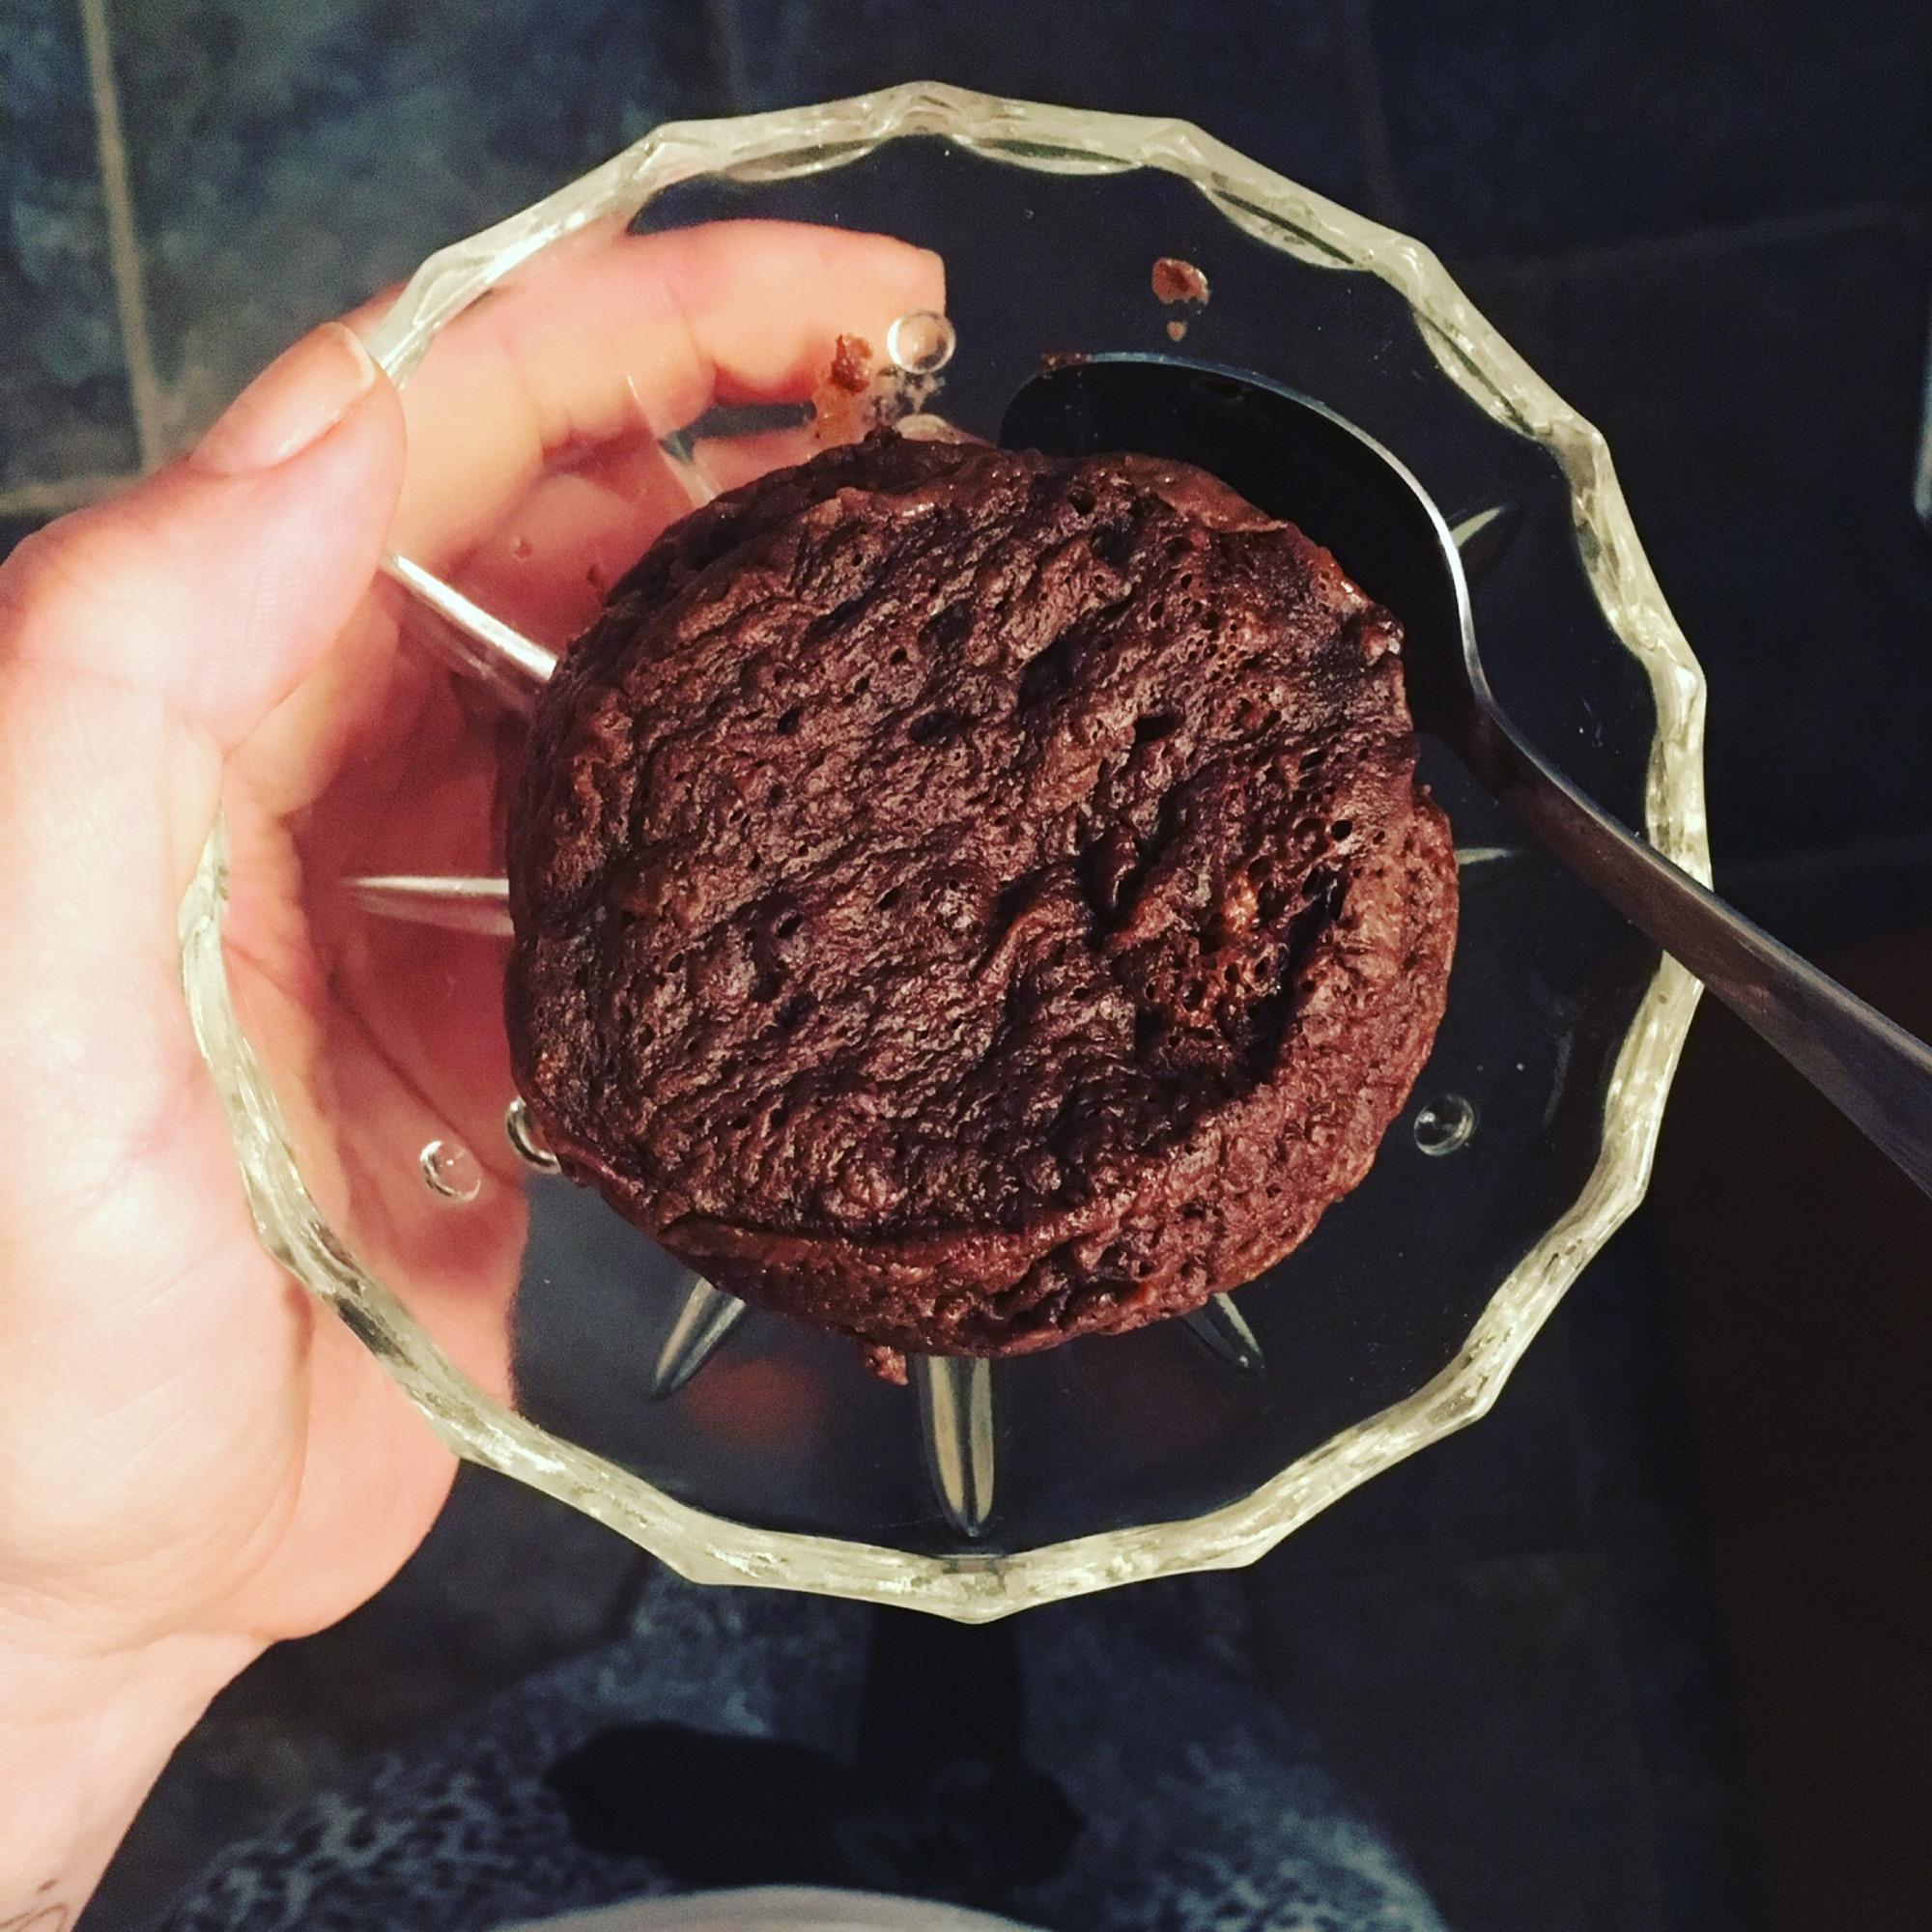 Mug cake choco reese